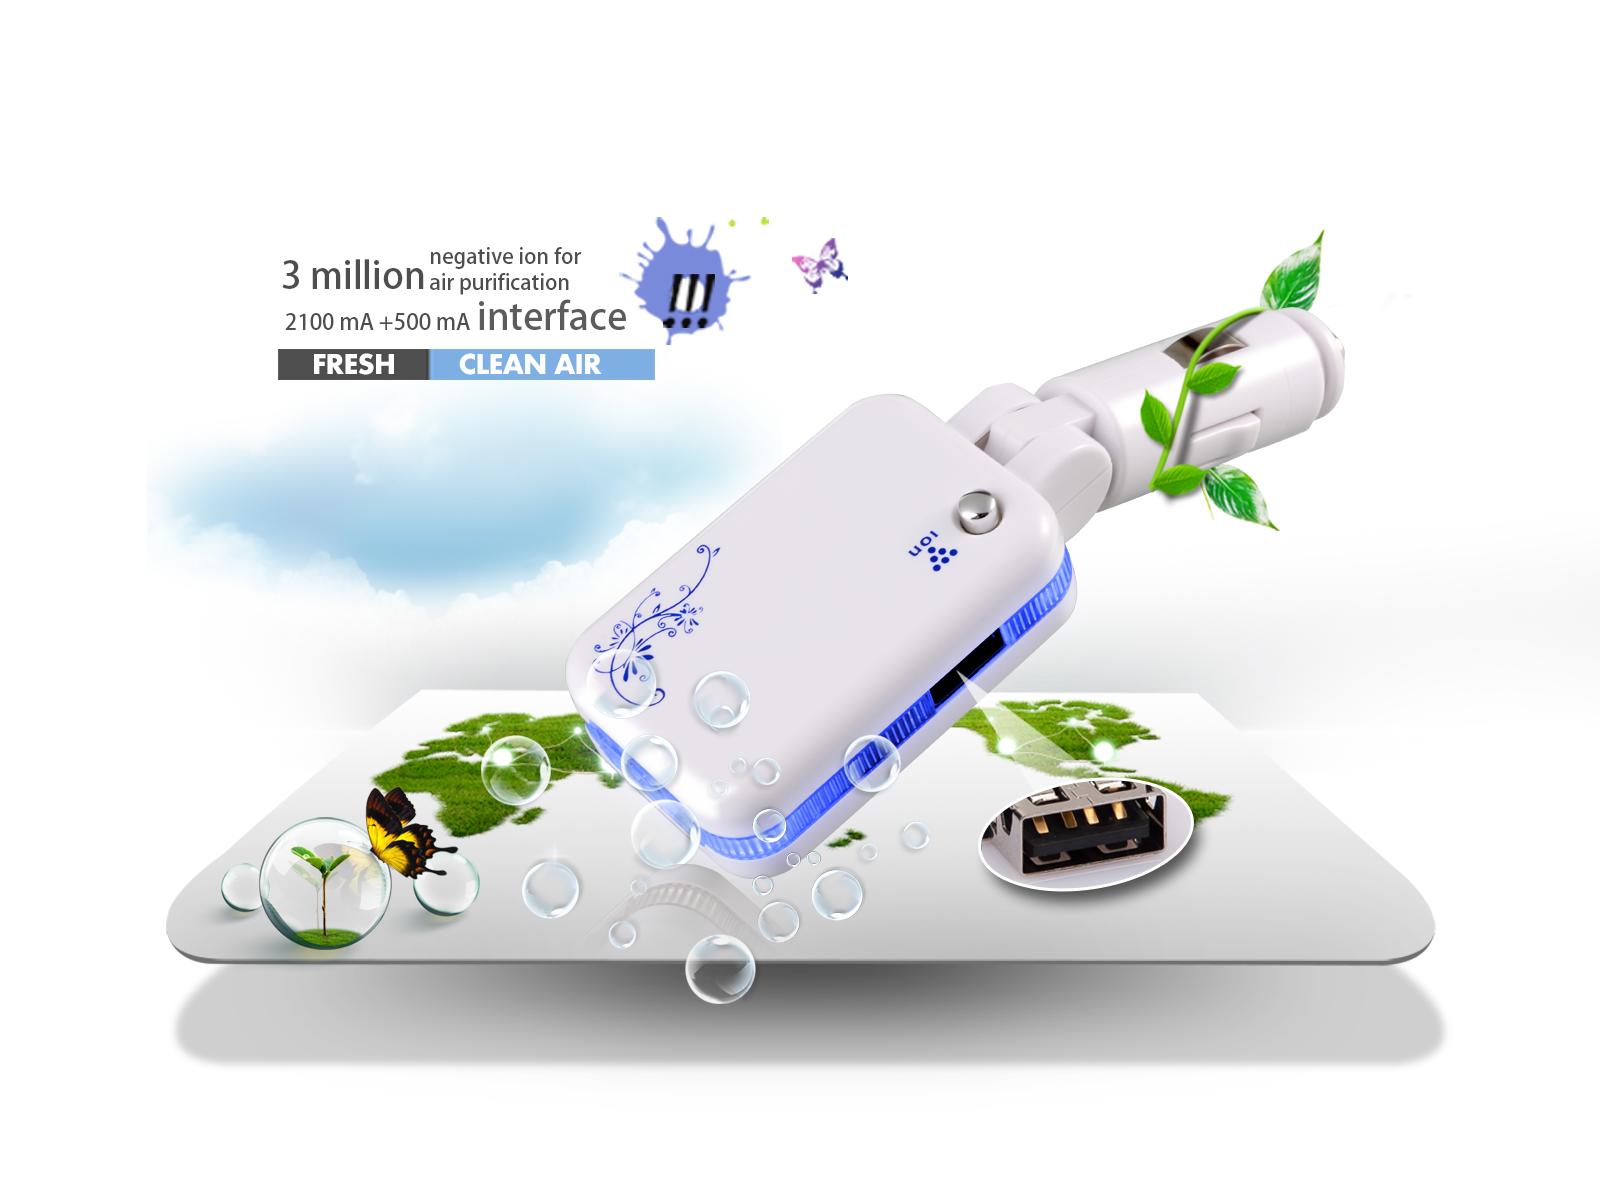 http://imagehost.vendio.com/a/35140381/view/G3-02_003.jpg